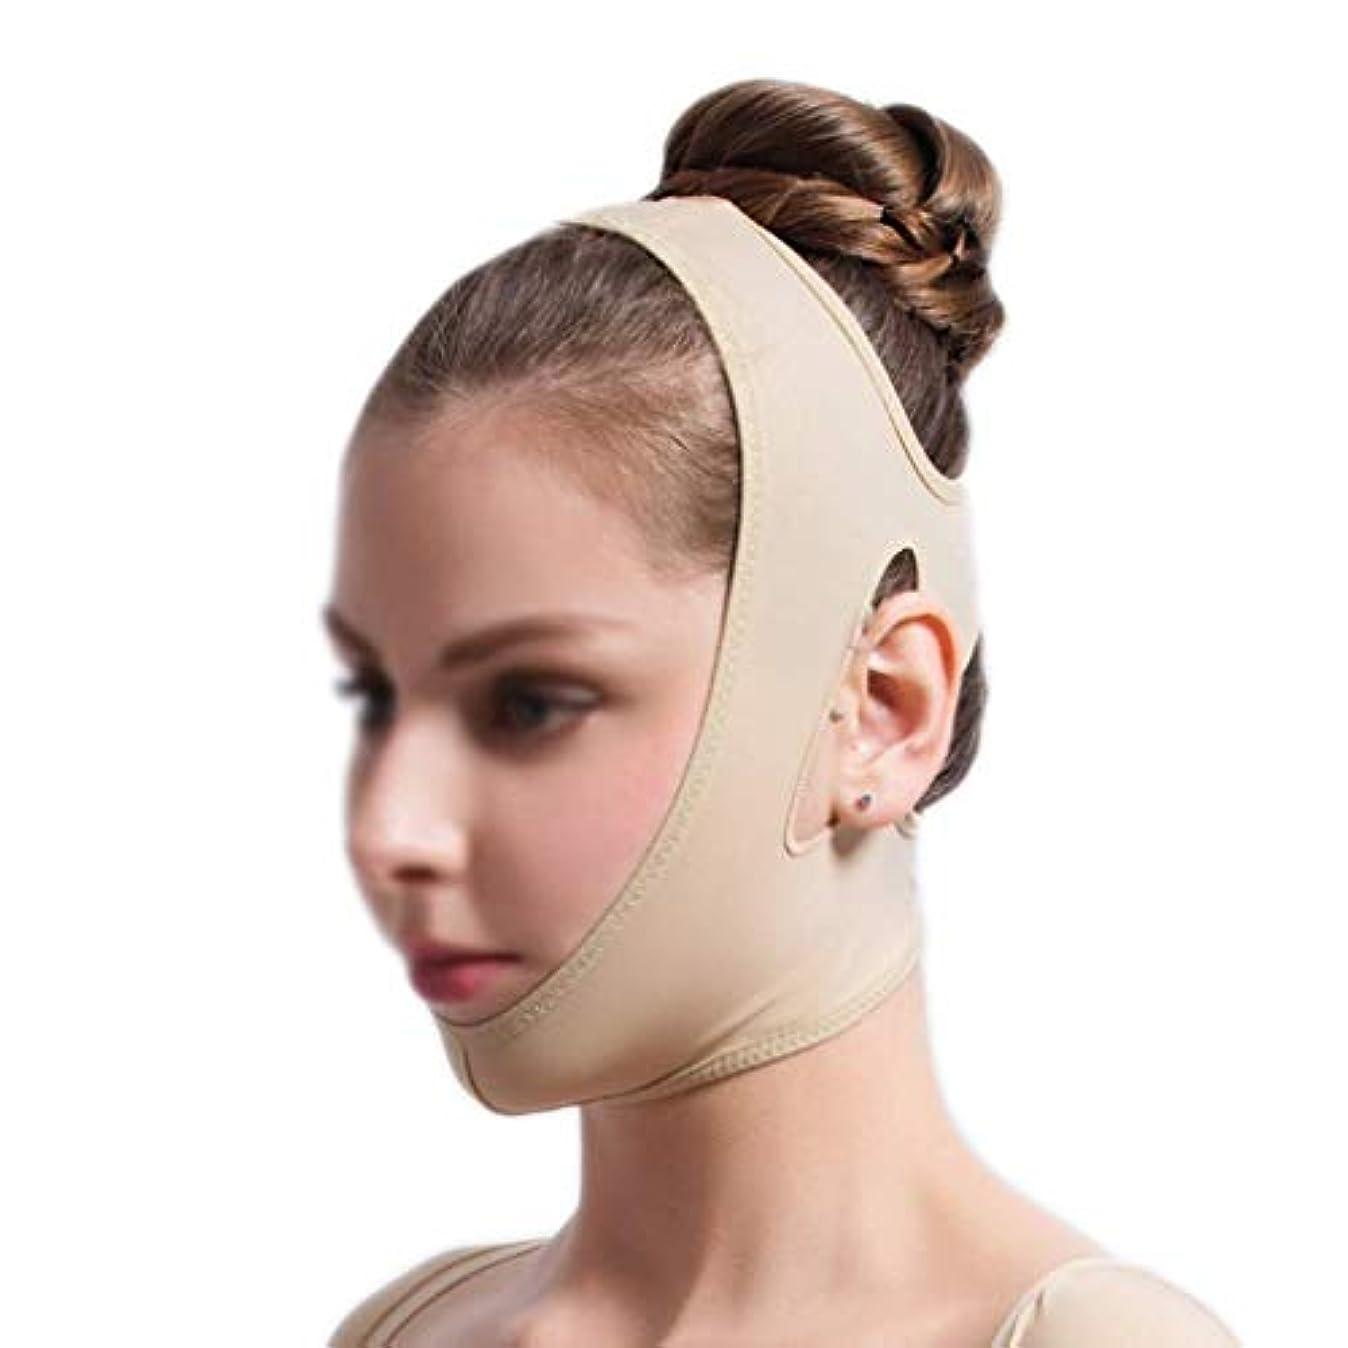 メンタル仕えるサーバフェイスリフティングバンデージ、フェイシャル減量マスク、フェイシャルリフティングスリミングベルト、痩身チークマスク(サイズ:S),XL